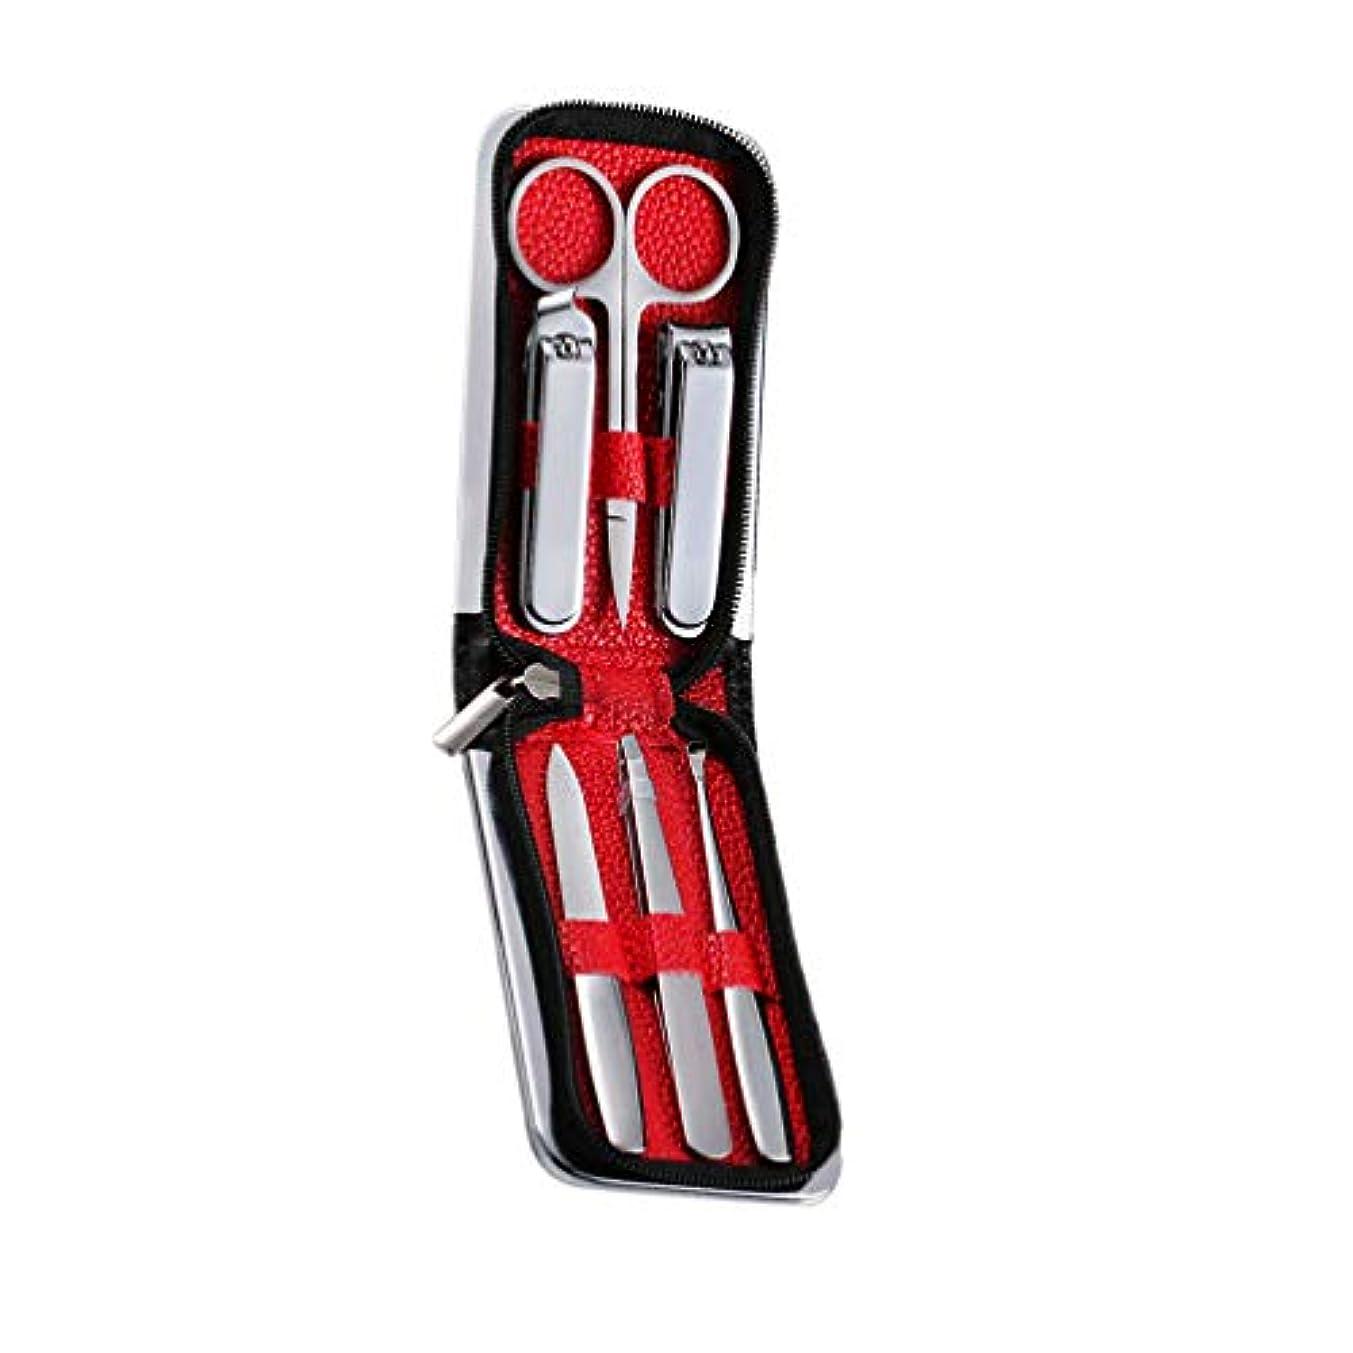 ギネスパキスタン人異常なSUPVOX 爪切りは爪足の爪レザートラベルケース用マニキュアキットを設定します